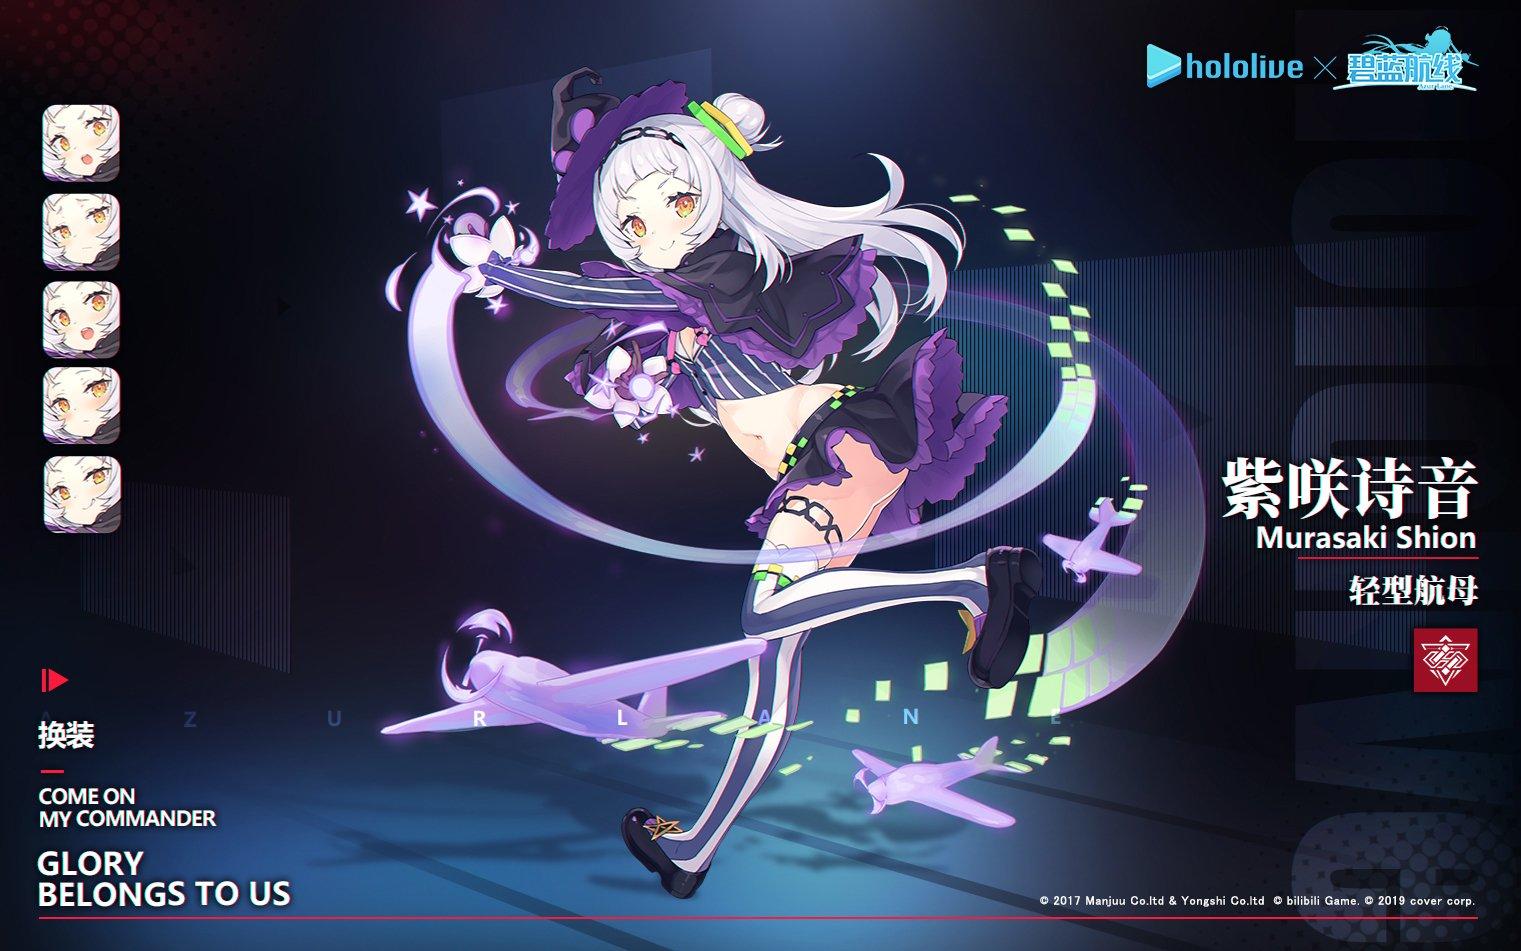 紫咲诗音换装官方海报.jpg